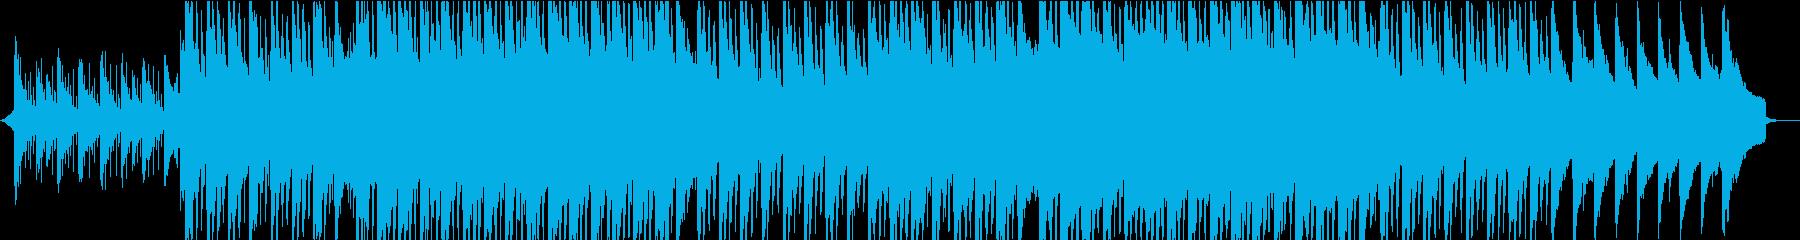 優しい・あたたかい・ピアノのコーポレートの再生済みの波形